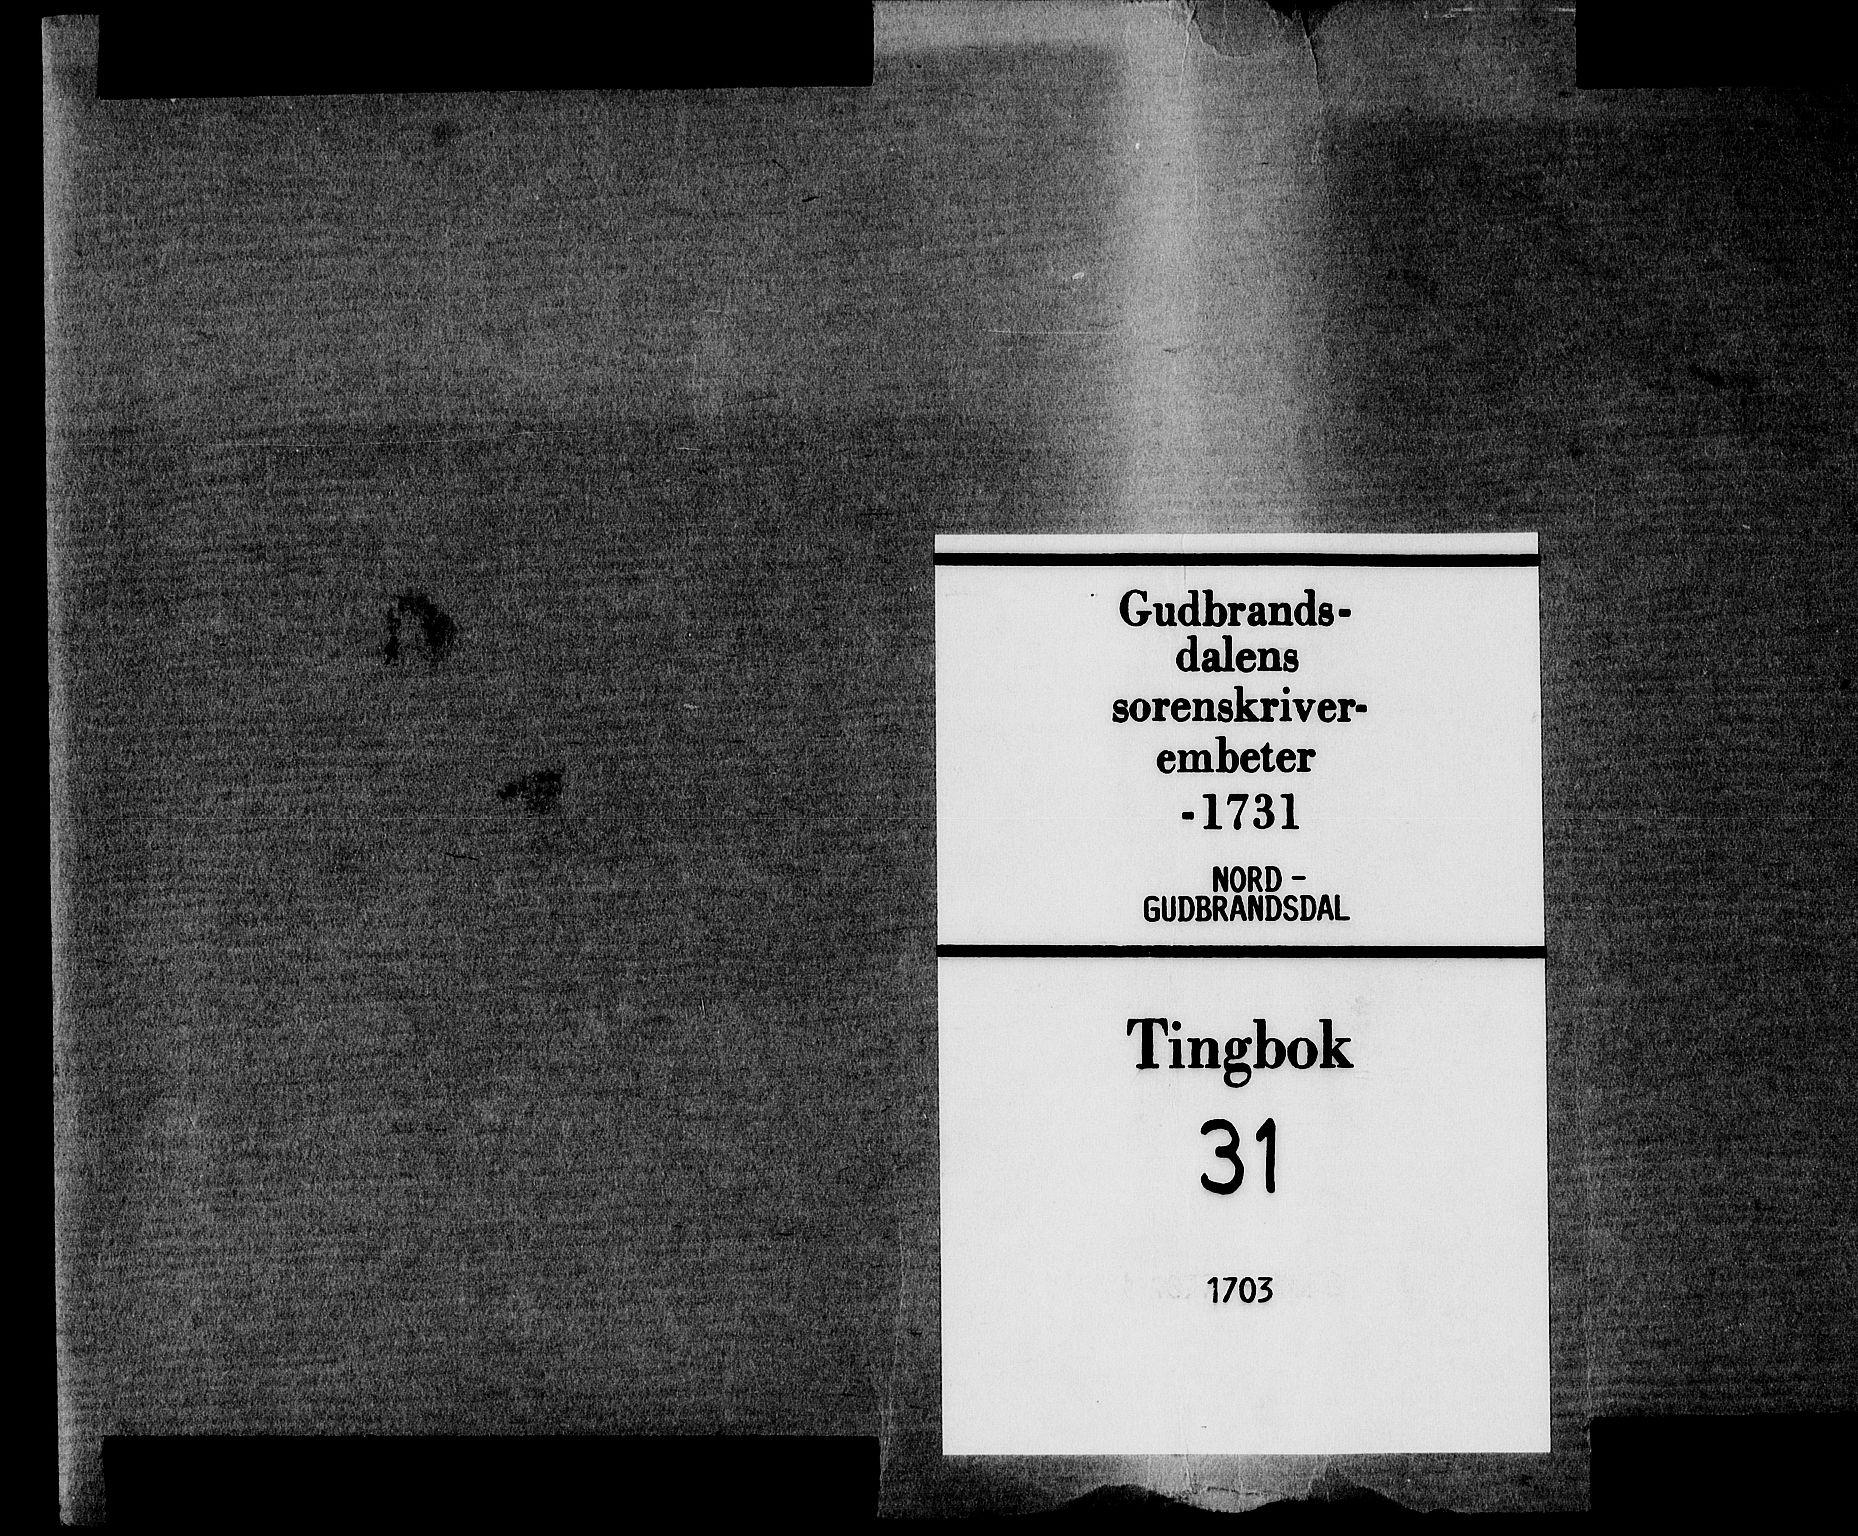 SAH, Sorenskriverier i Gudbrandsdalen, G/Gb/Gba/L0031: Tingbok - Nord-Gudbrandsdal, 1703